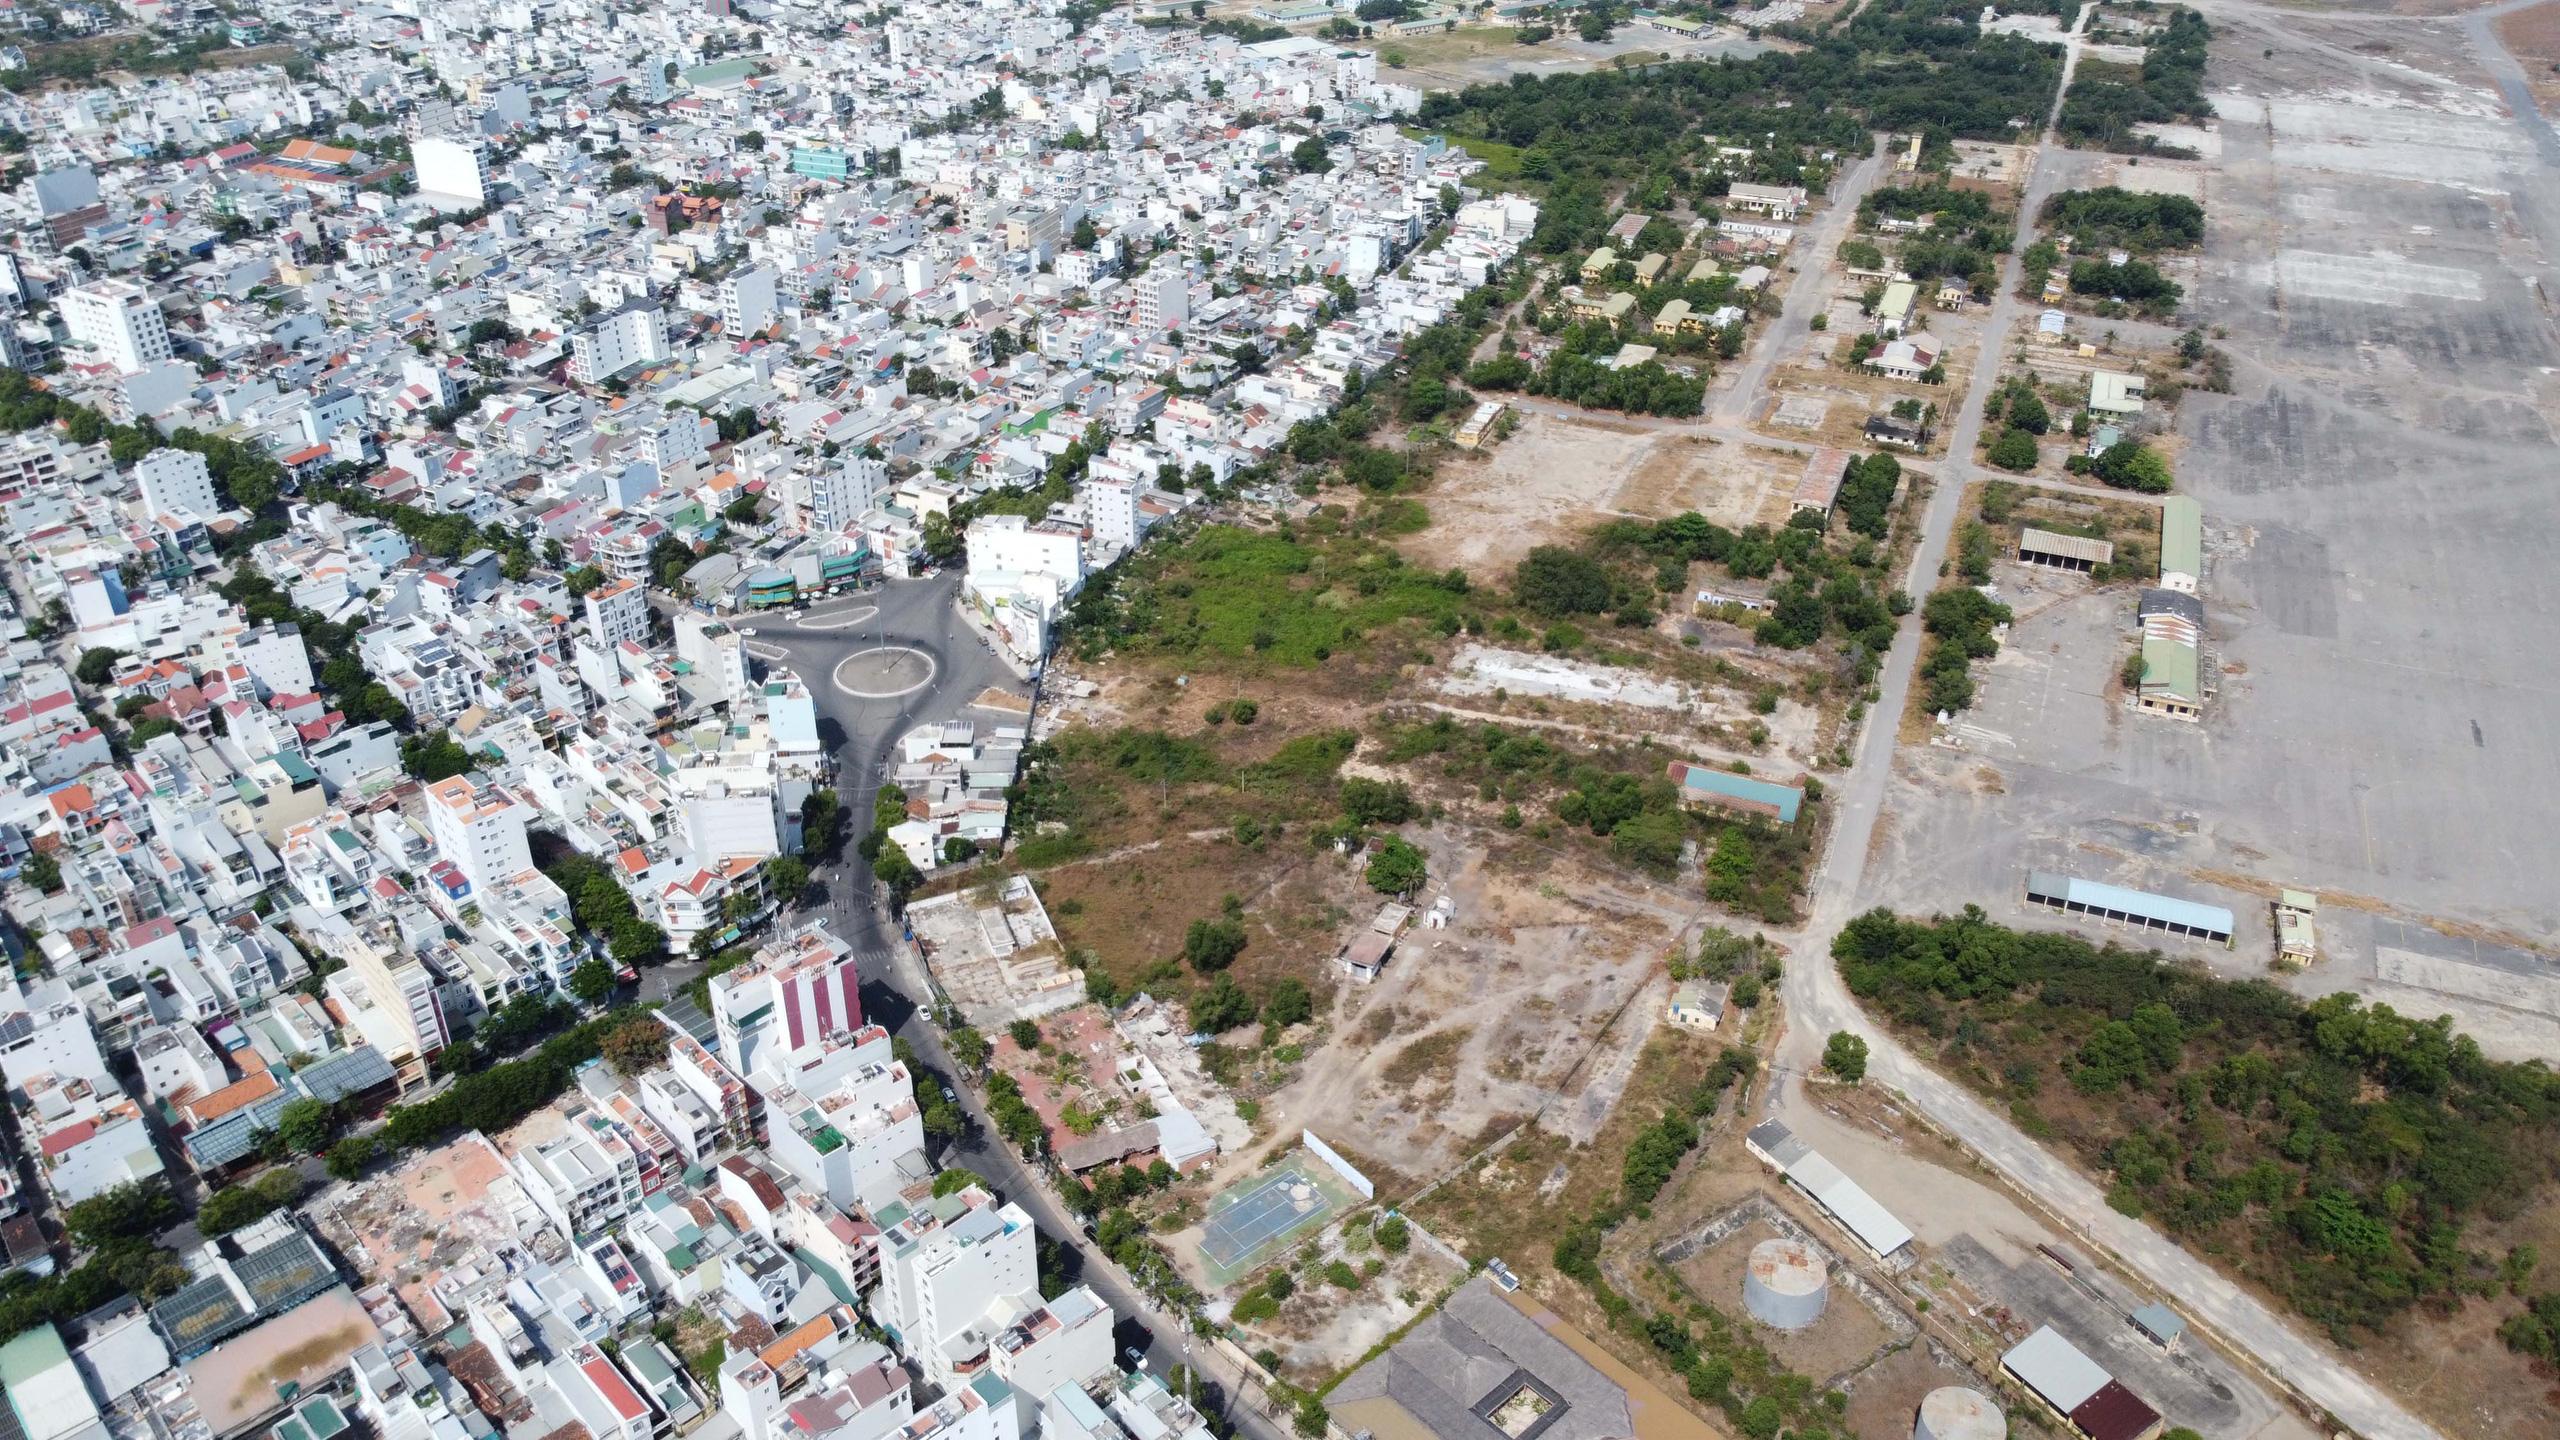 Cận cảnh khu đất sân bay Nha Trang cũ chuẩn bị đấu giá đất - Ảnh 11.